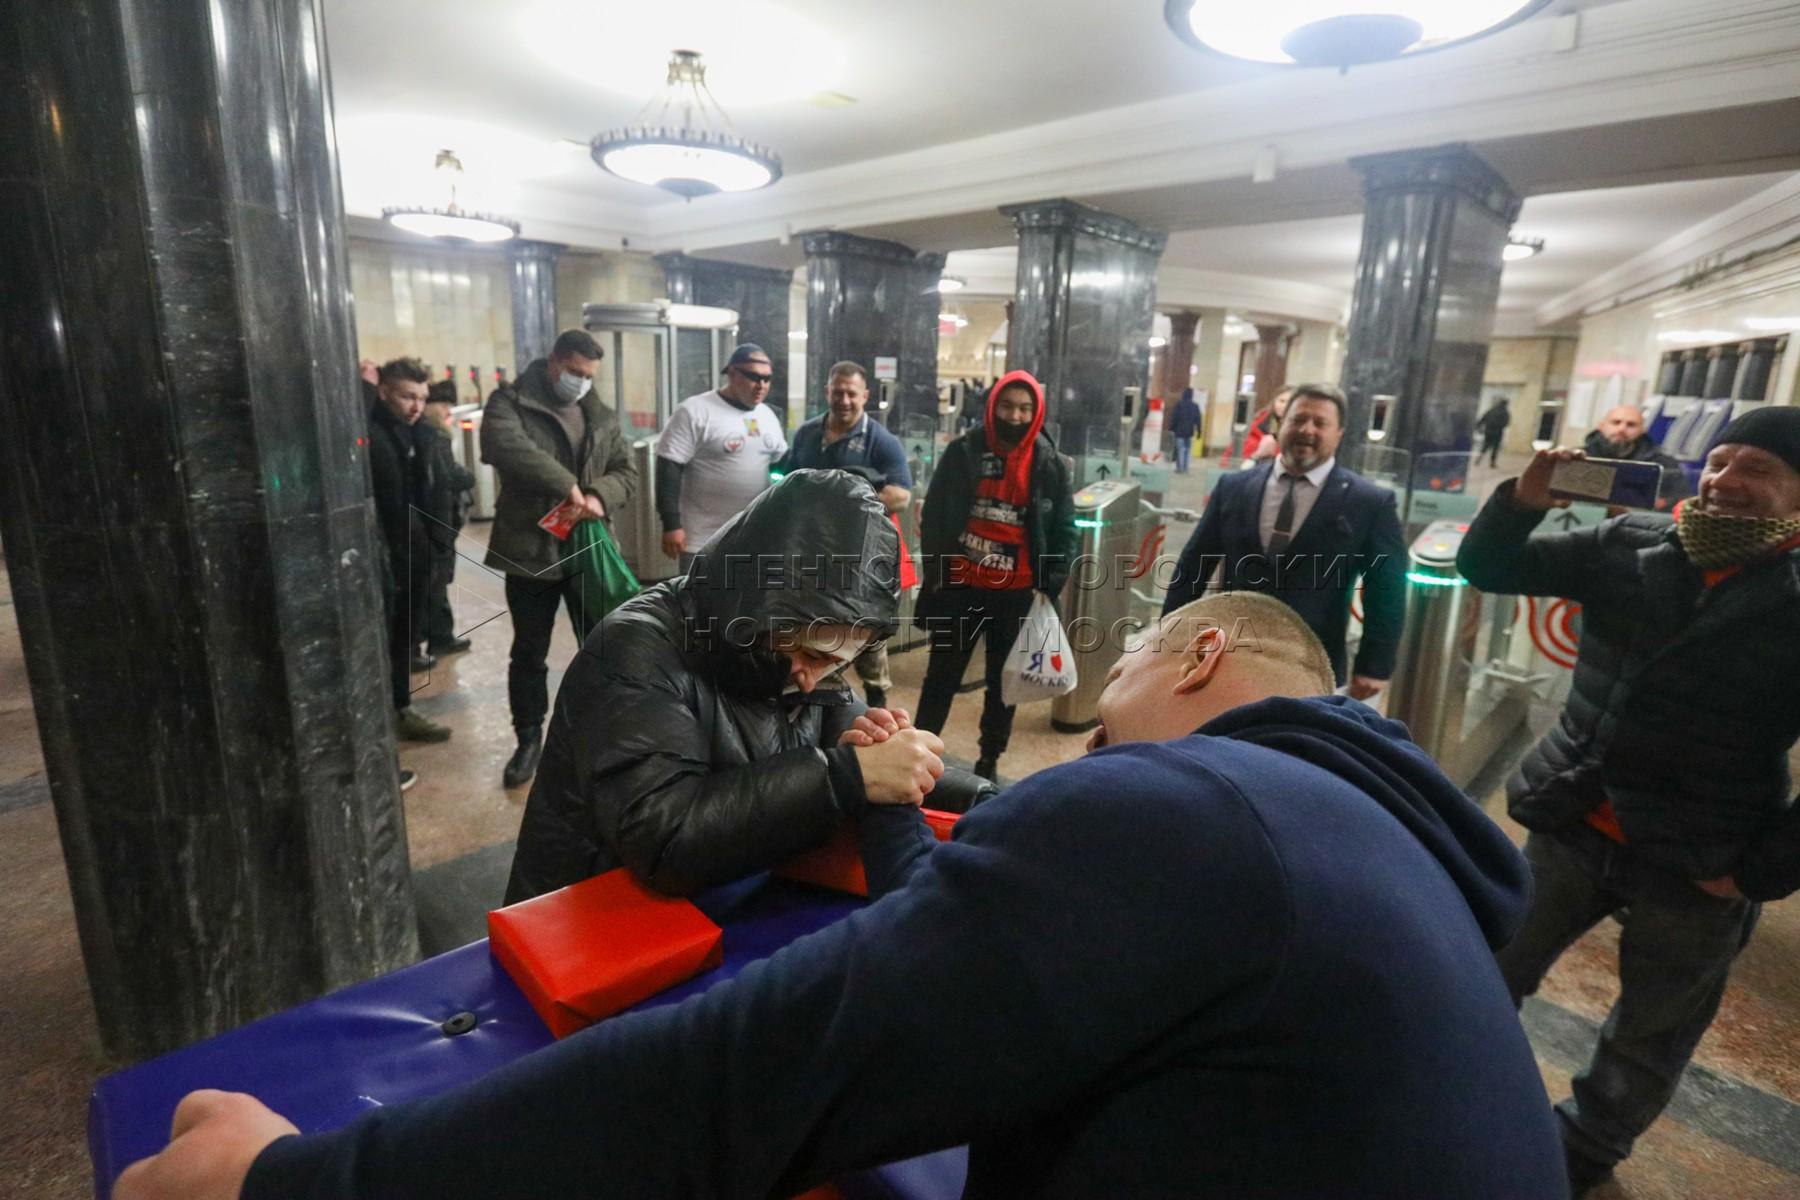 Спортивный день для пассажиров Московского метрополитена.